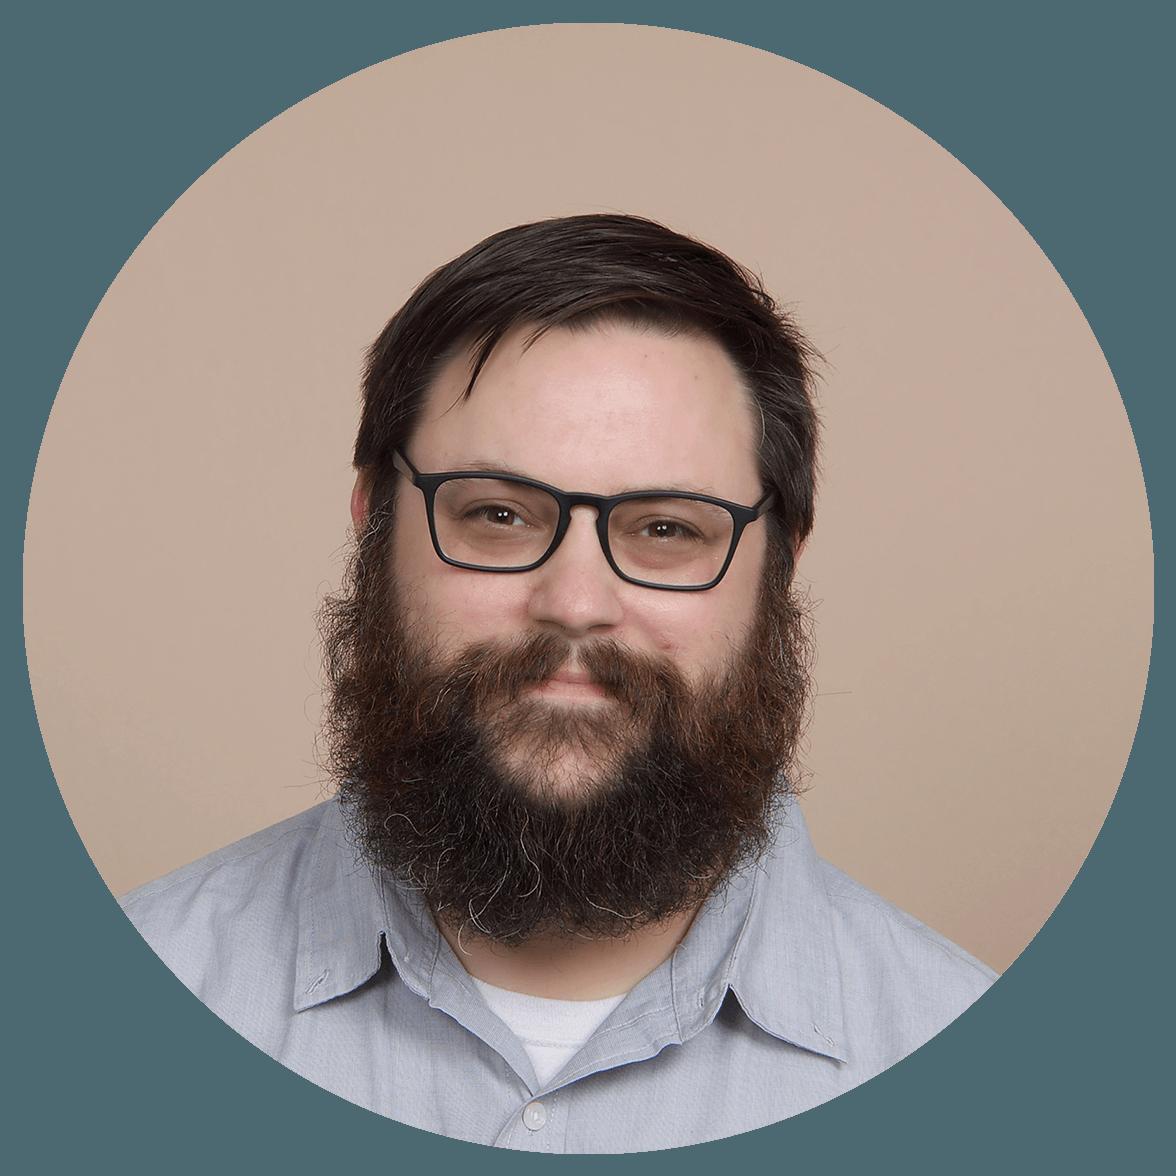 Jeff - Beam Geeks Owner